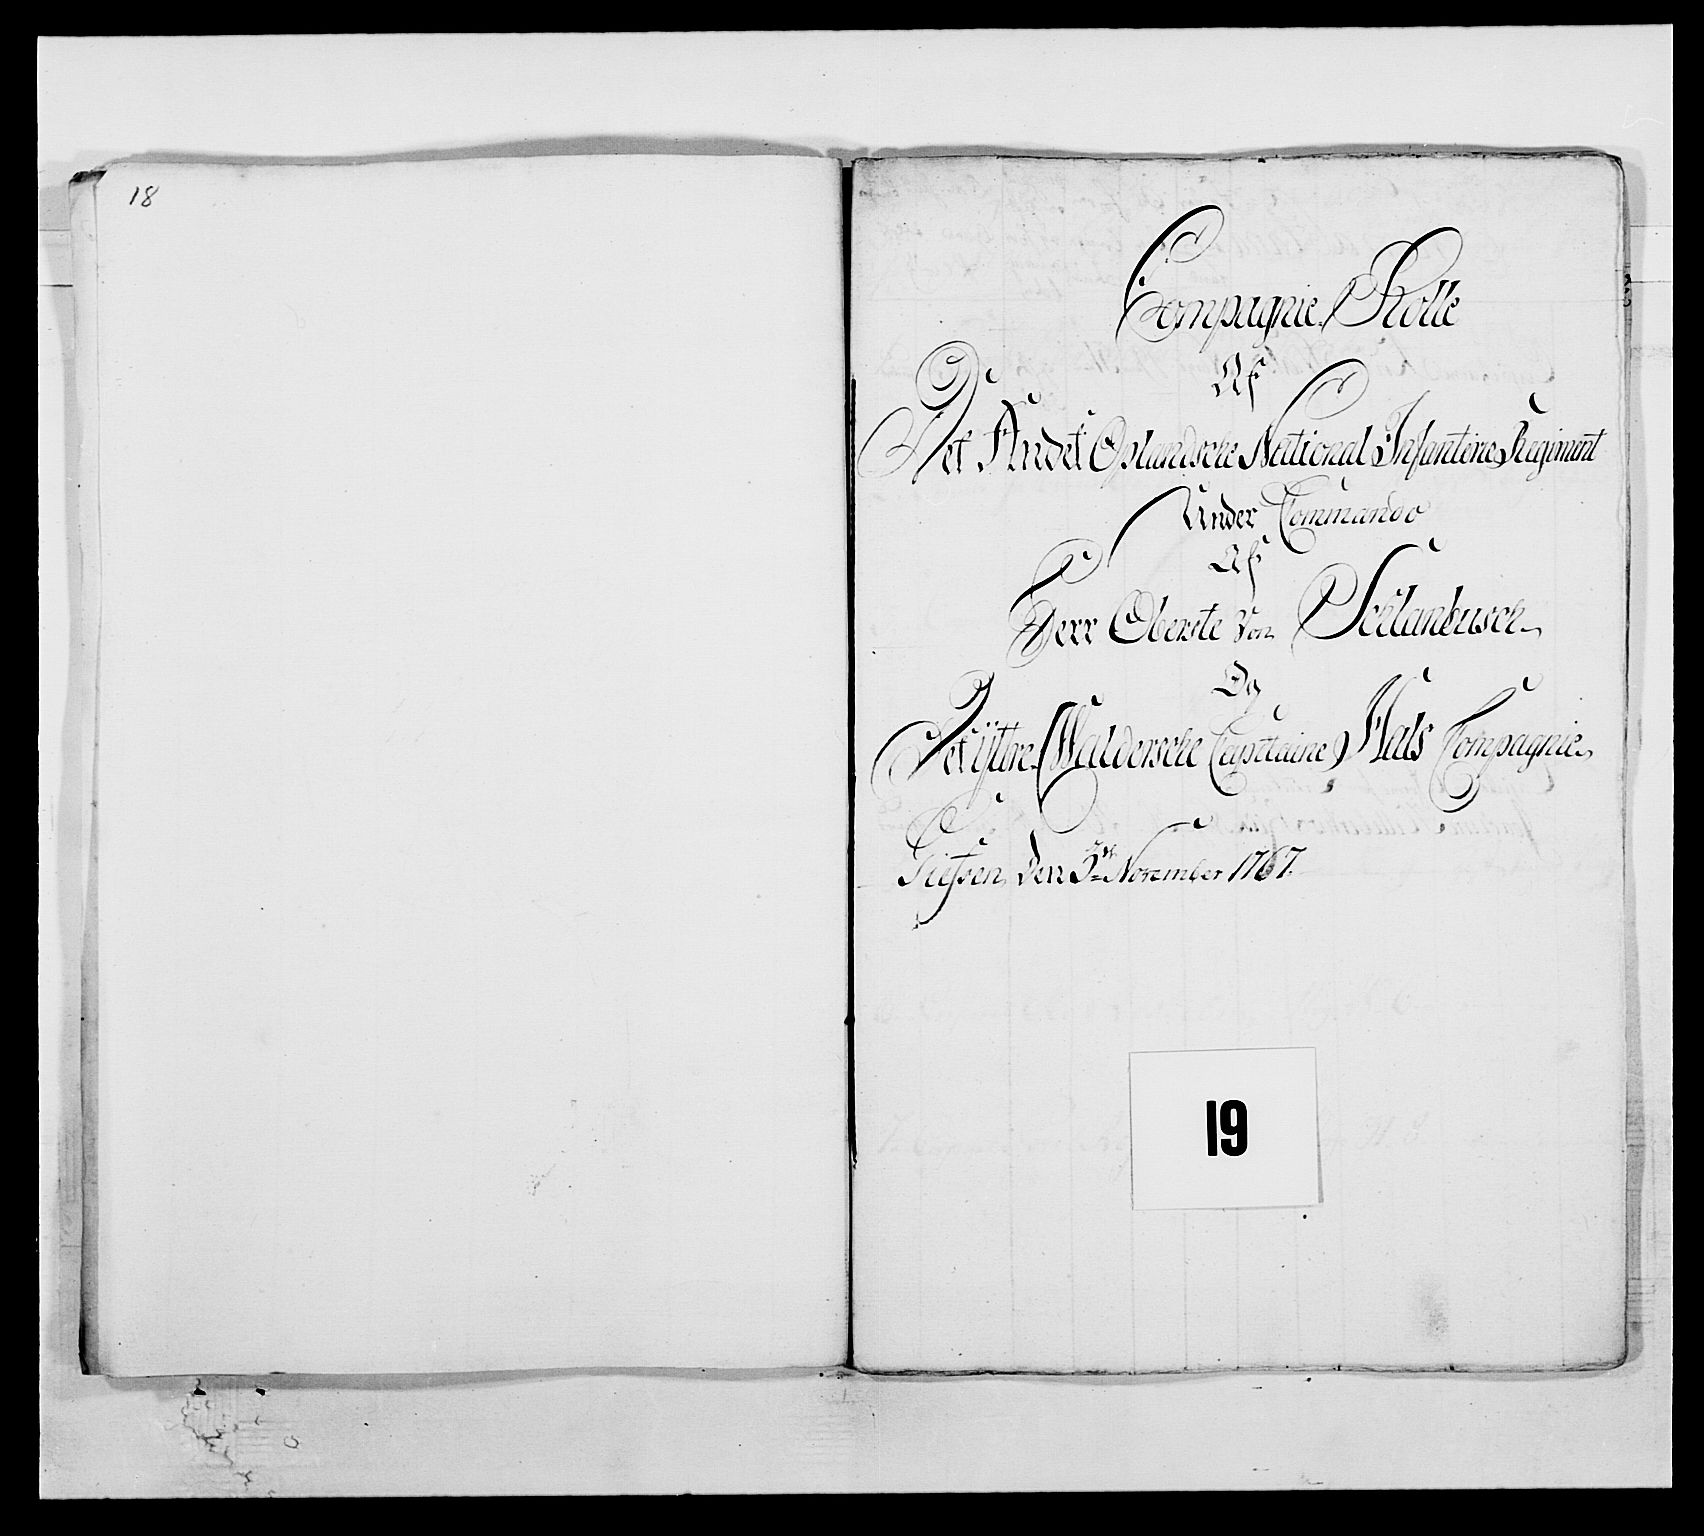 RA, Kommanderende general (KG I) med Det norske krigsdirektorium, E/Ea/L0507: 2. Opplandske regiment, 1766-1767, s. 417